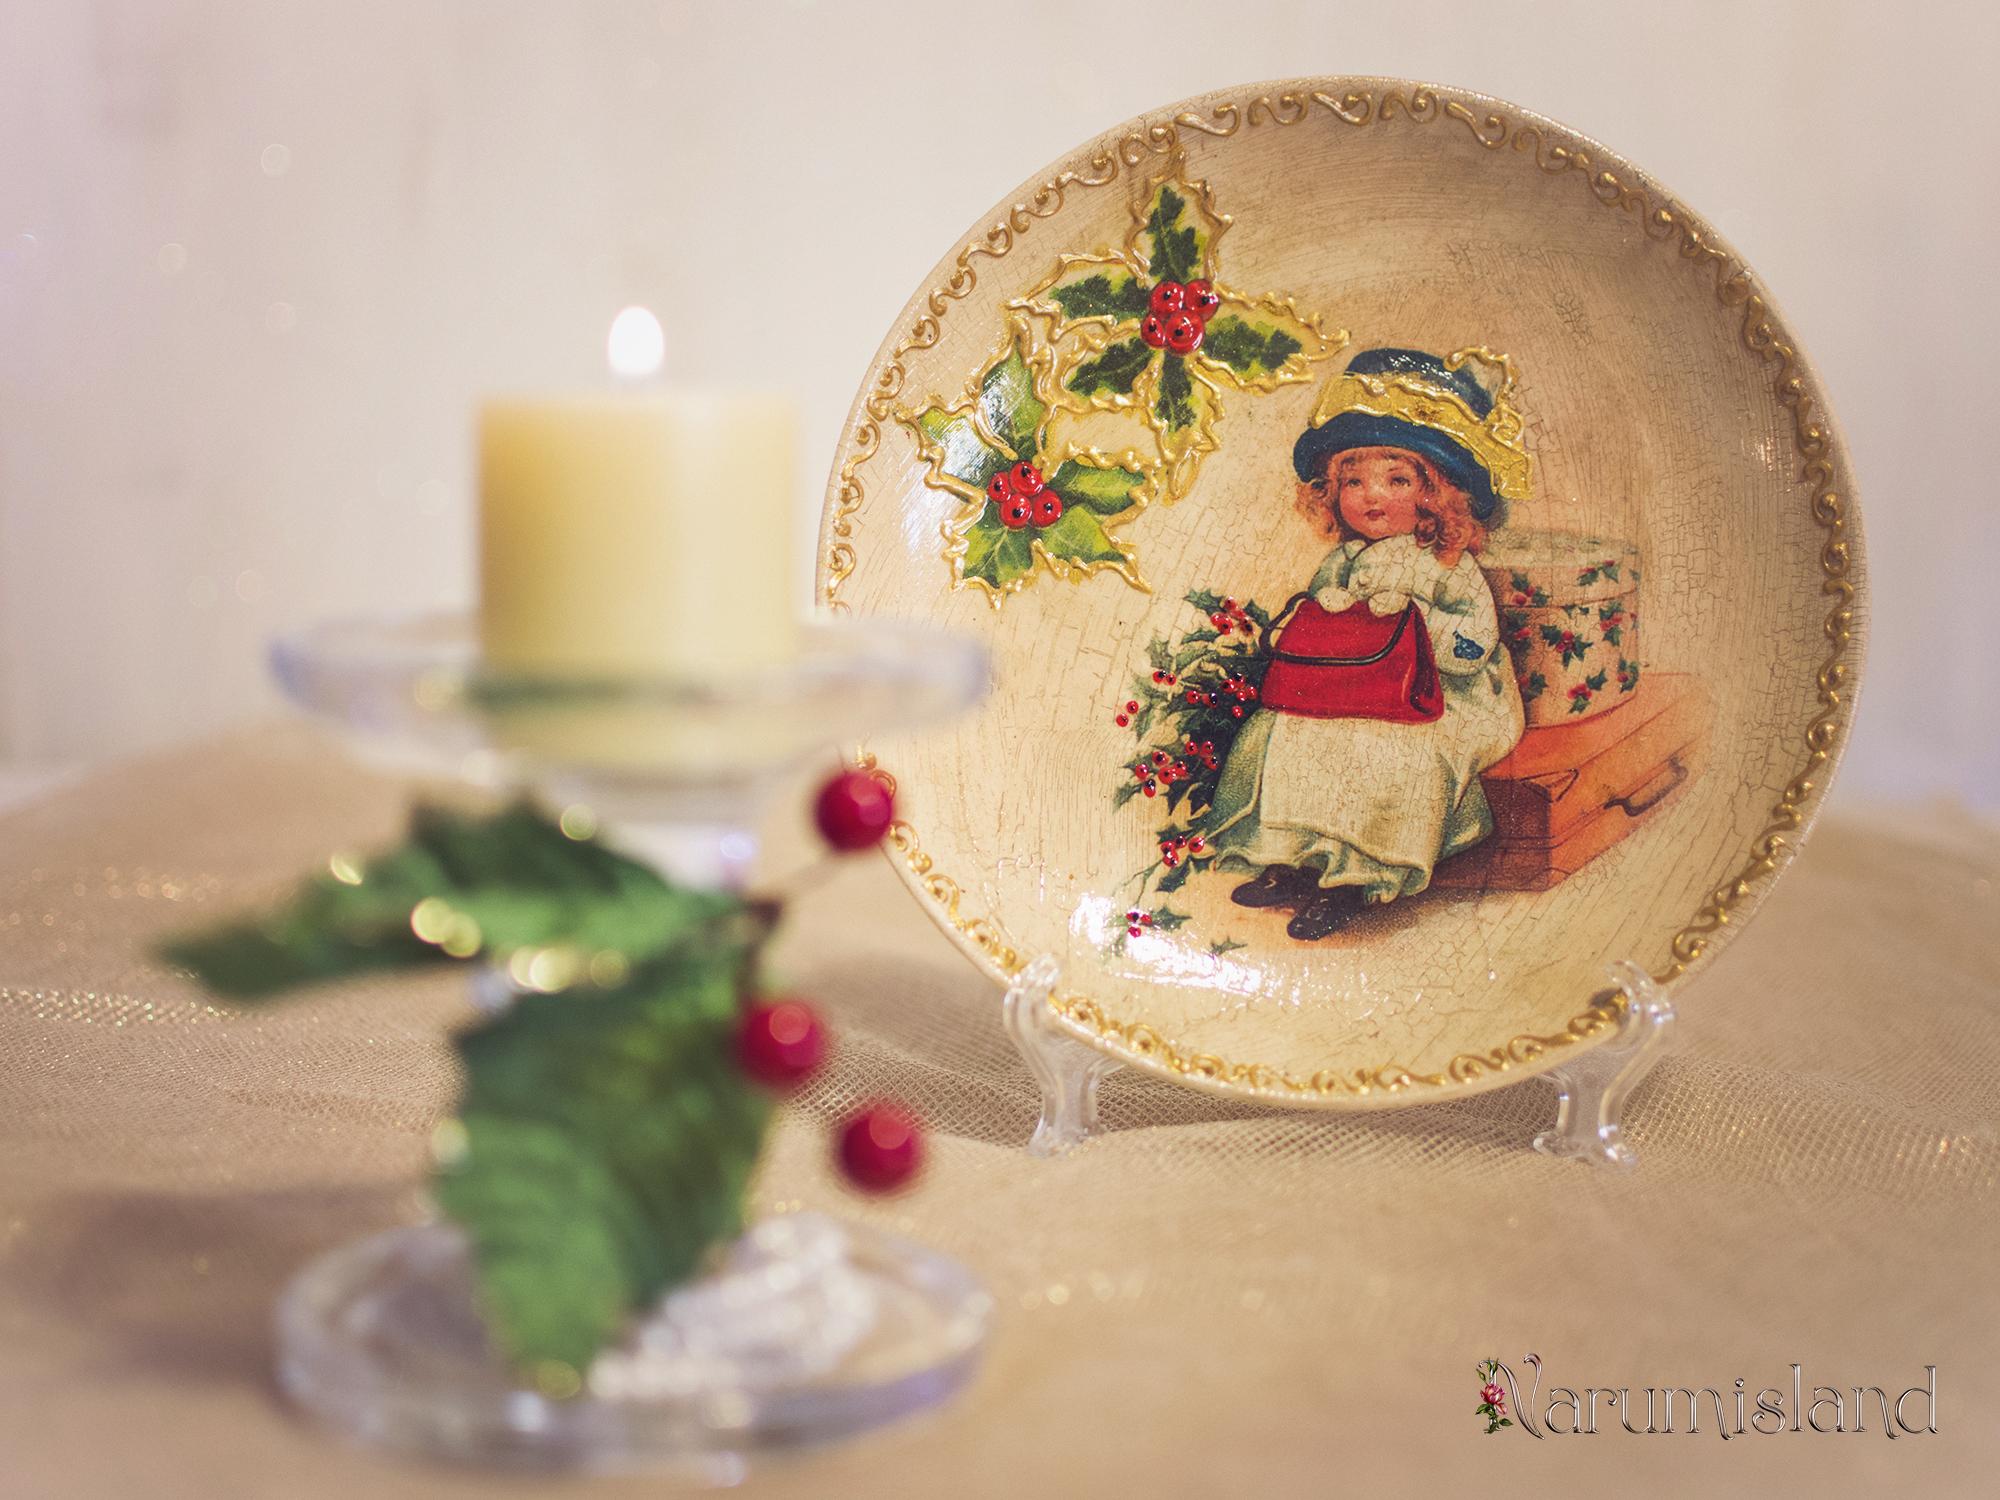 Farfurie decorativa cu fetita cu ilex